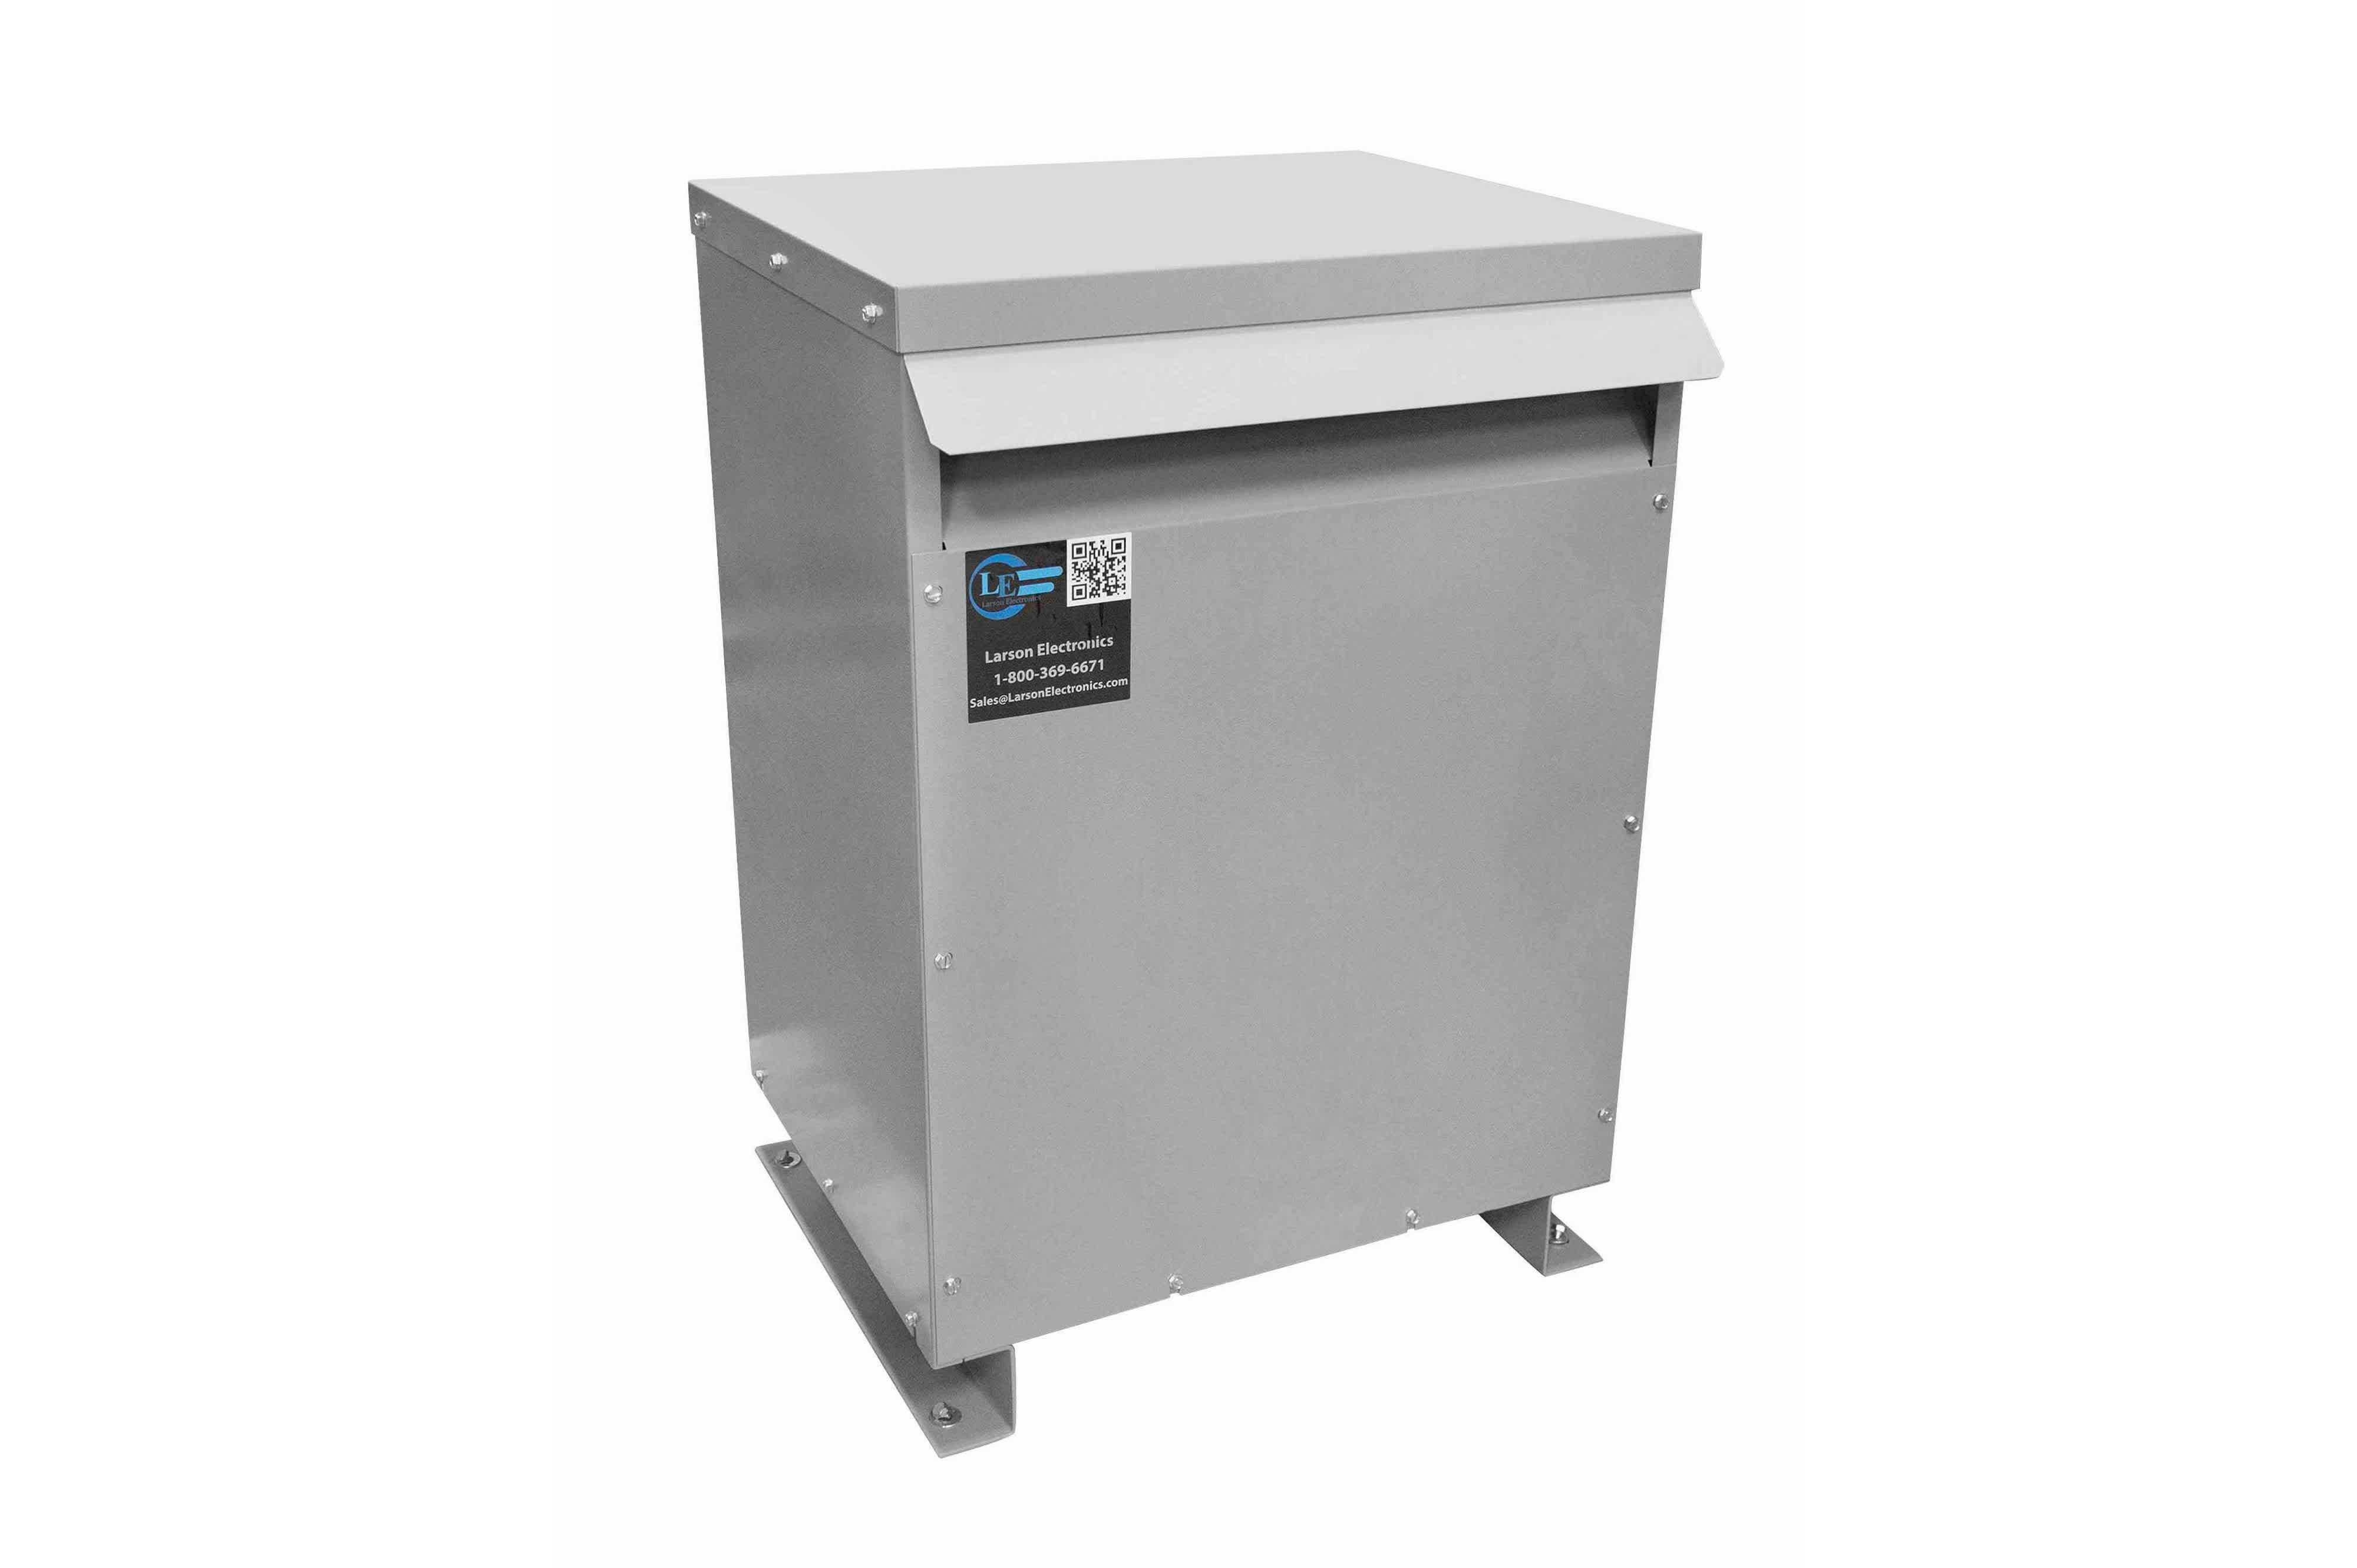 42.5 kVA 3PH Isolation Transformer, 575V Delta Primary, 208V Delta Secondary, N3R, Ventilated, 60 Hz